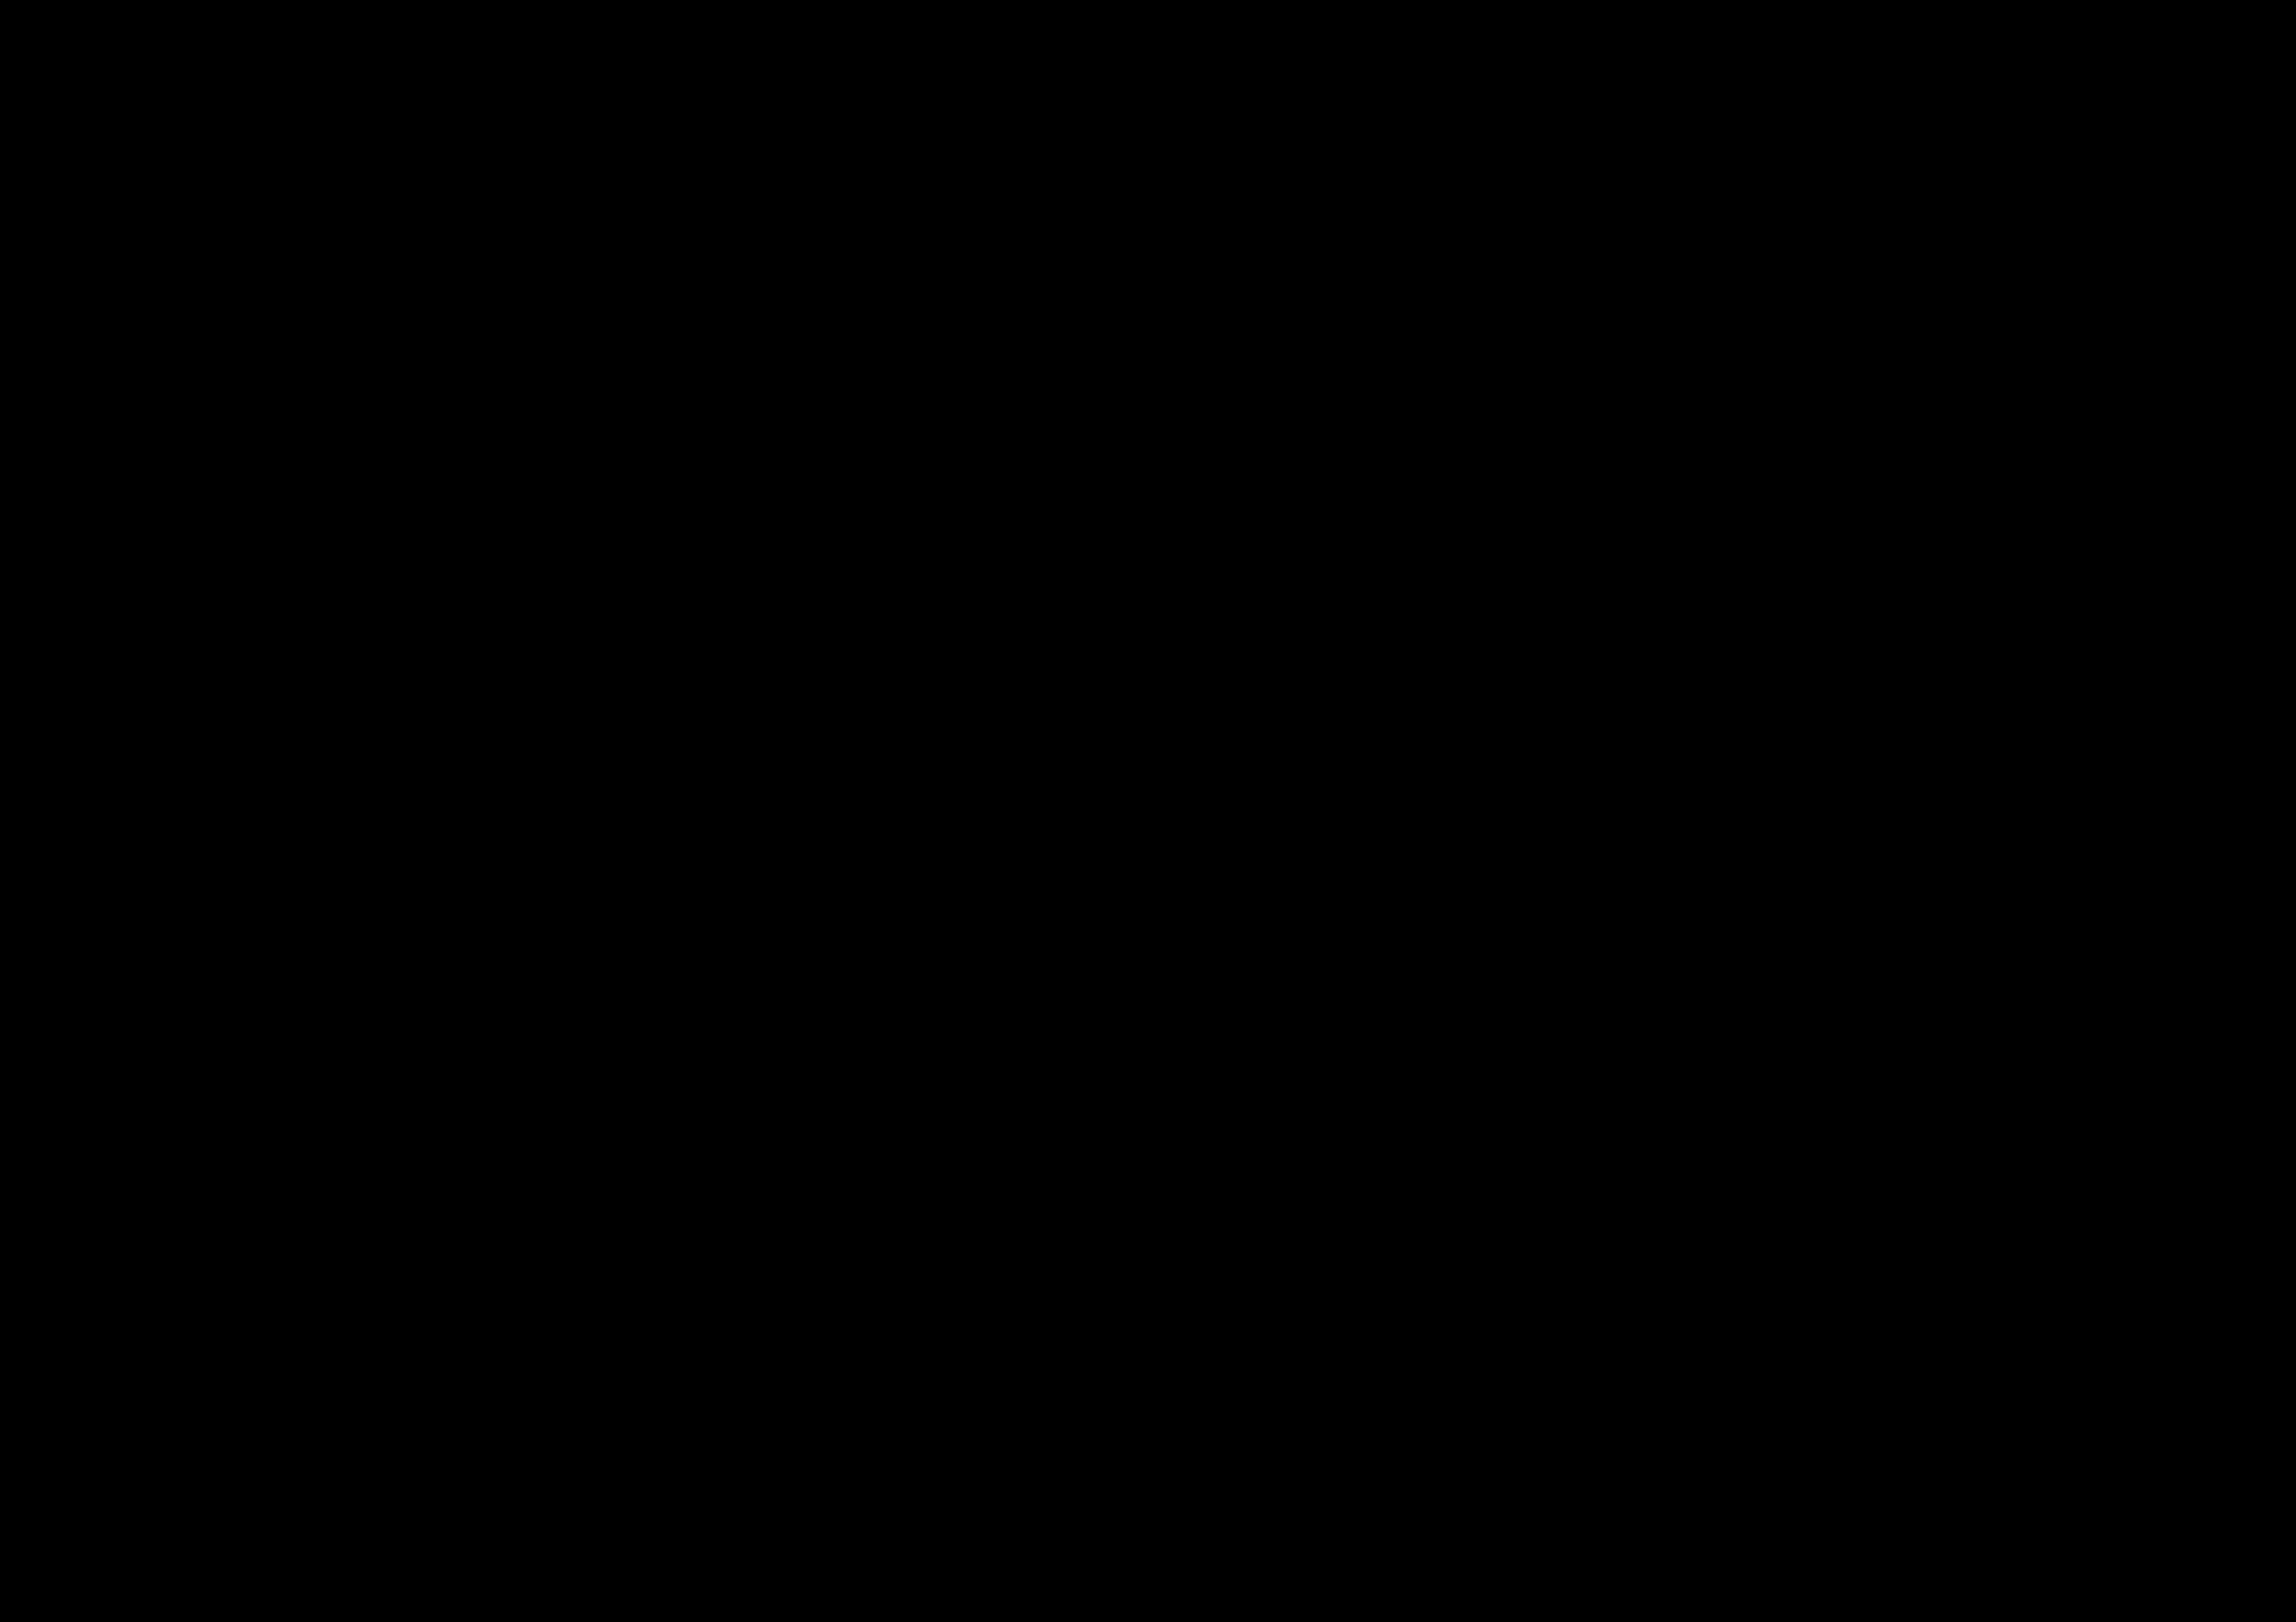 Инструкция По Сбору Хранению И Утилизации Ртутьсодержащих Ламп